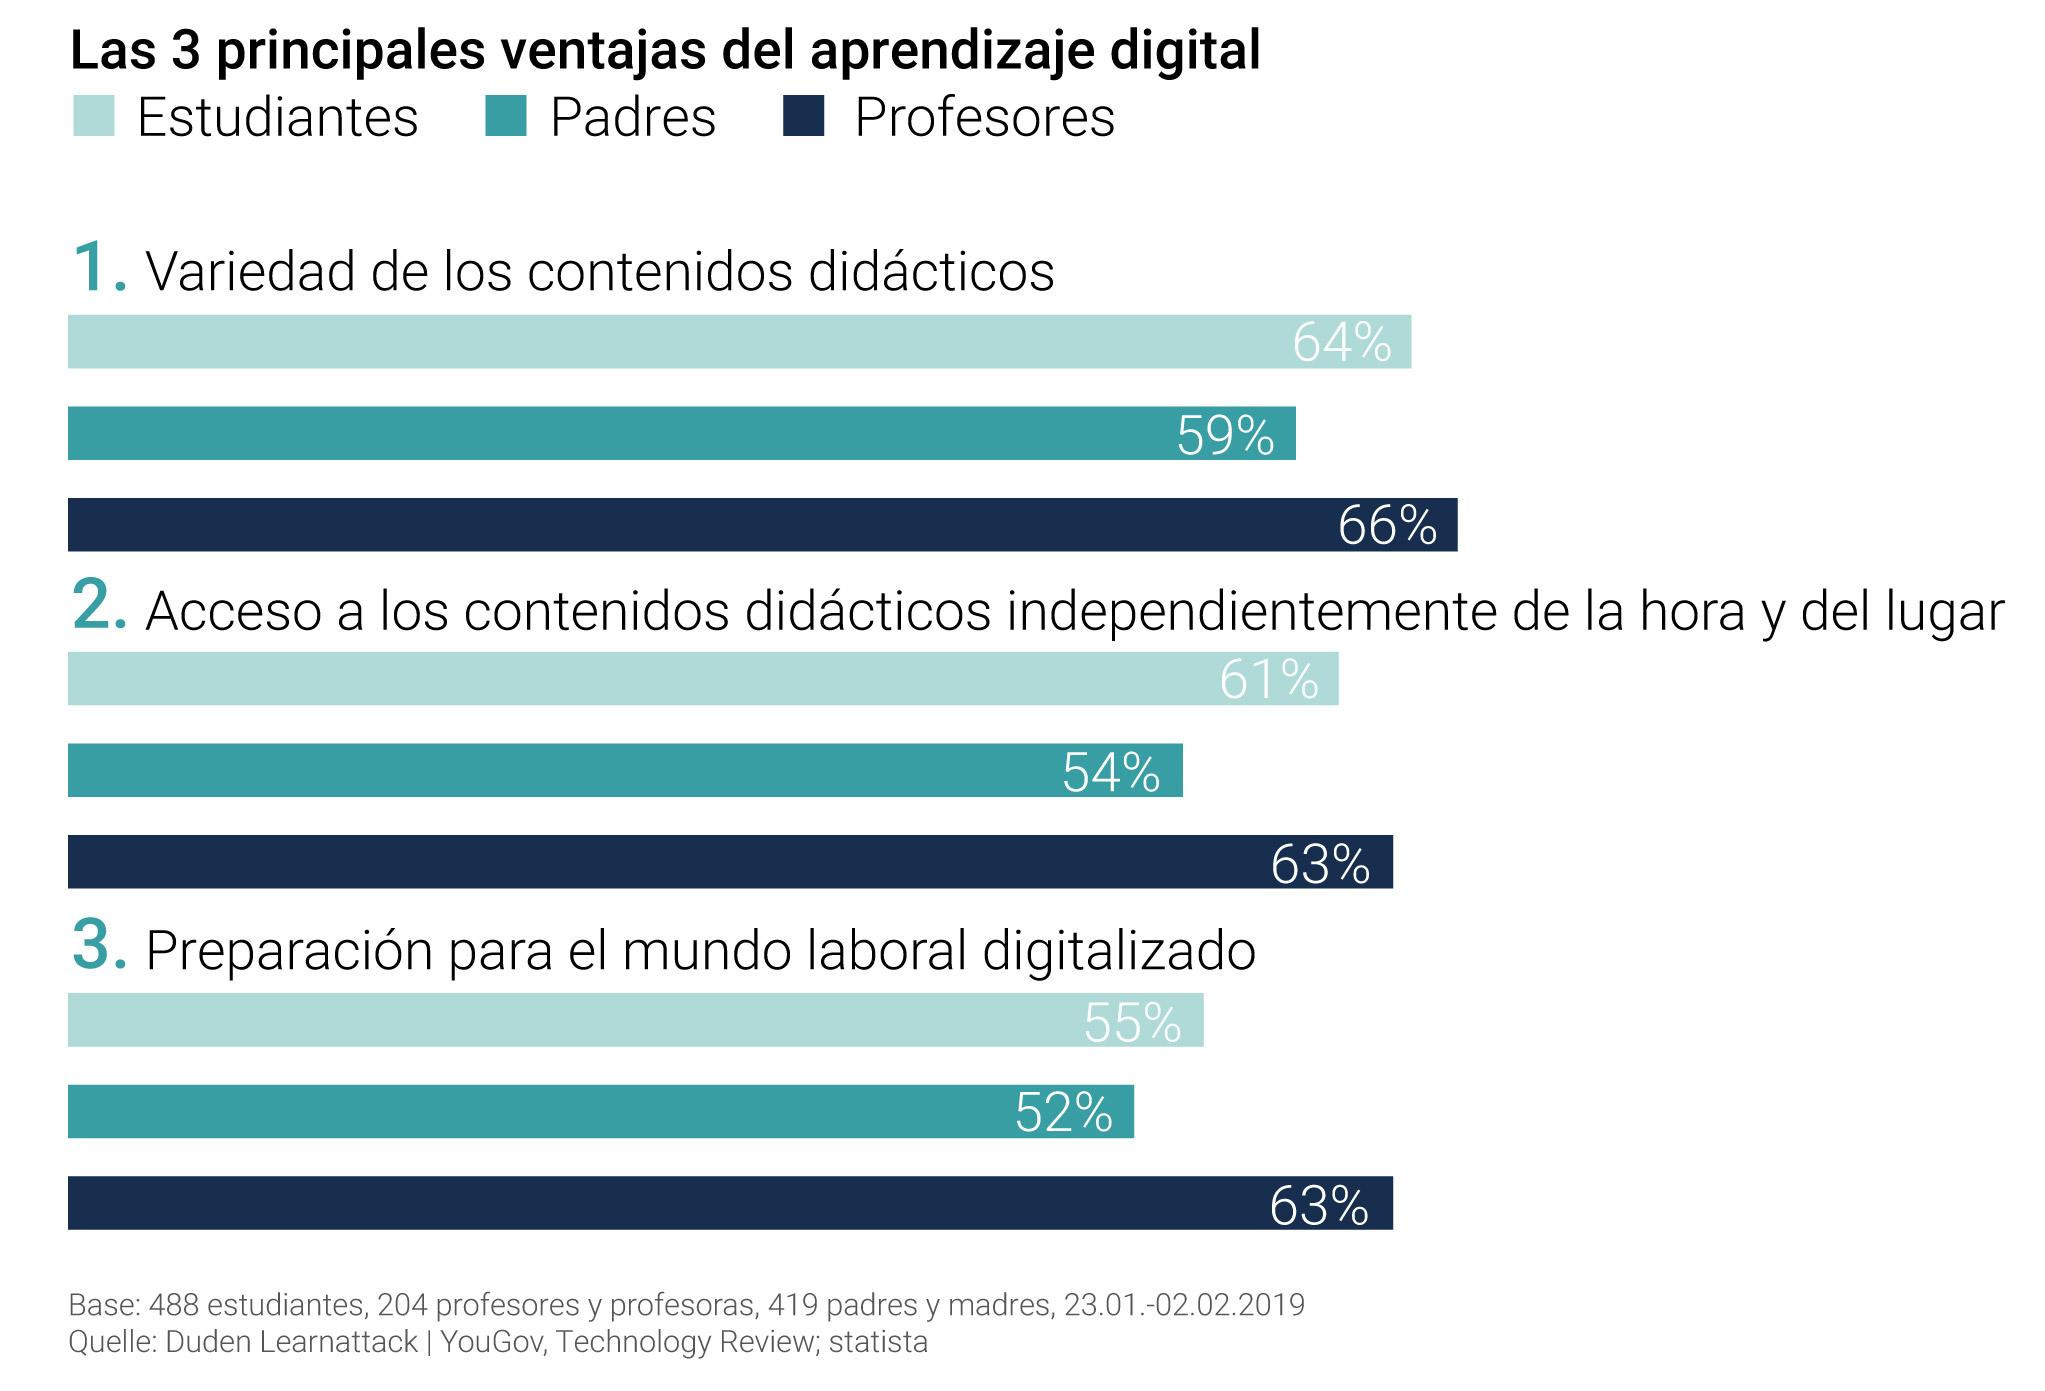 Las 3 principales ventajas del aprendizaje digital